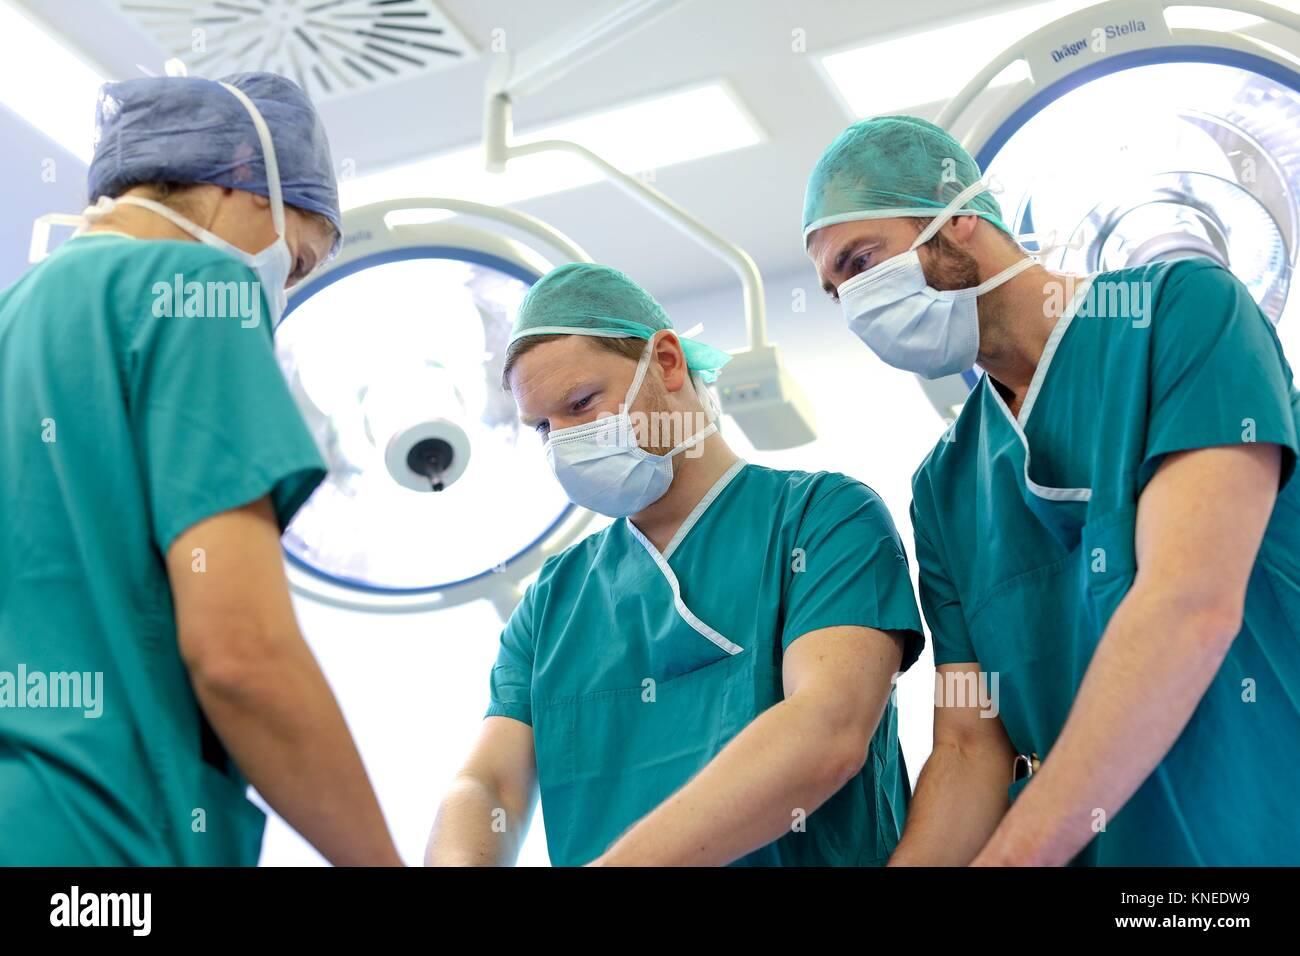 La chirurgie, la salle d'opération, Hôpital, Espagne Photo Stock